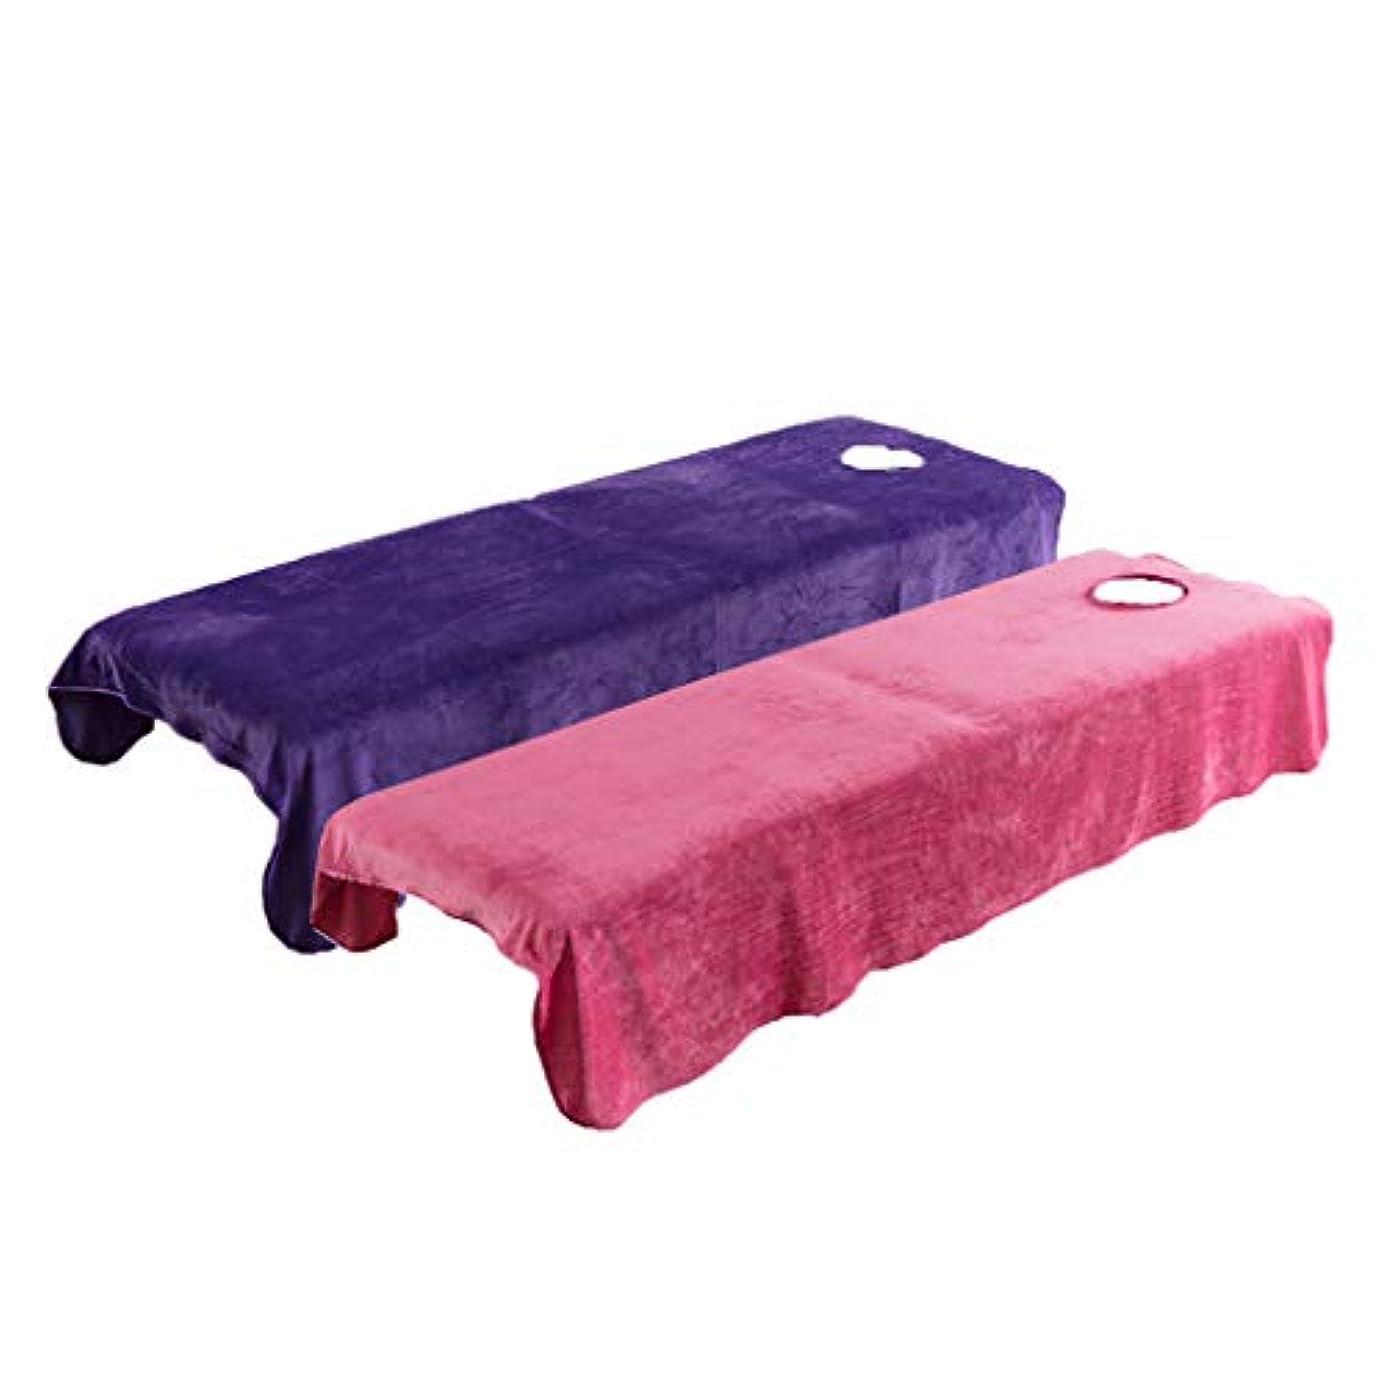 タワーラバ信号PETSOLA 有孔 スパ マッサージベッドカバー 2枚入り 美容ベッドカバー マッサージ台シーツ ピンク&パープル